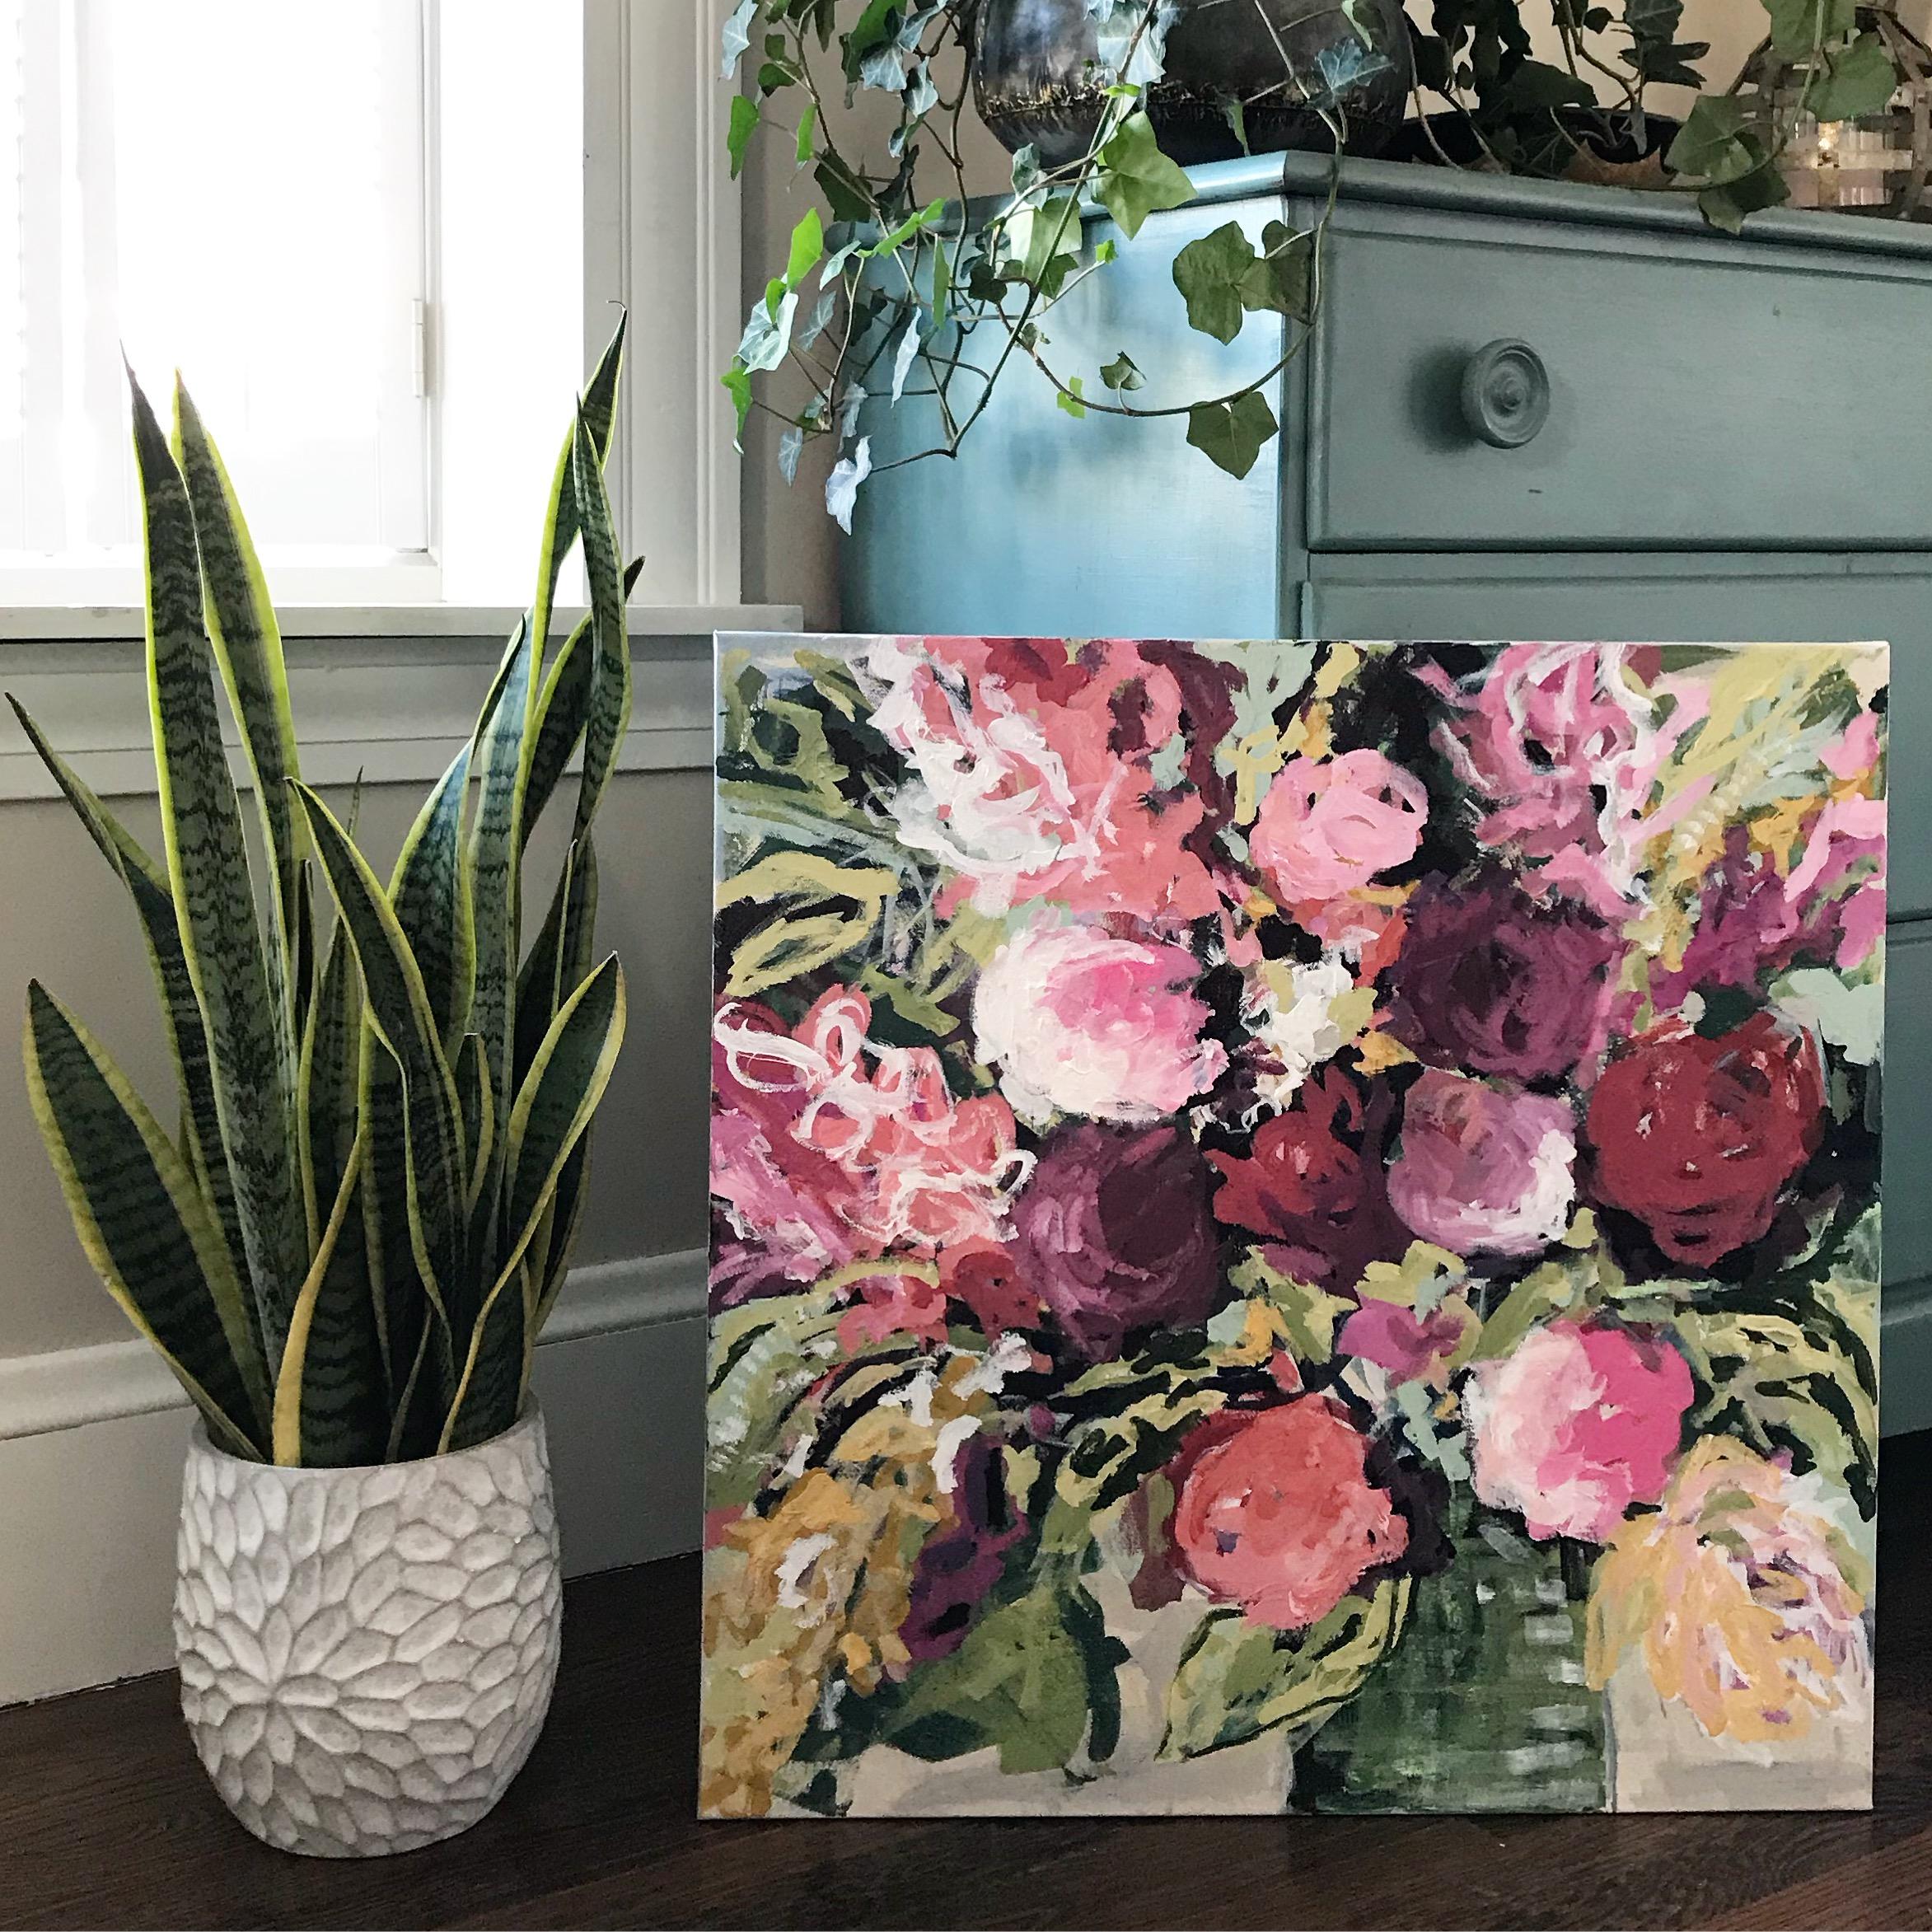 Elle_Byers_floral_art_flowers.JPG